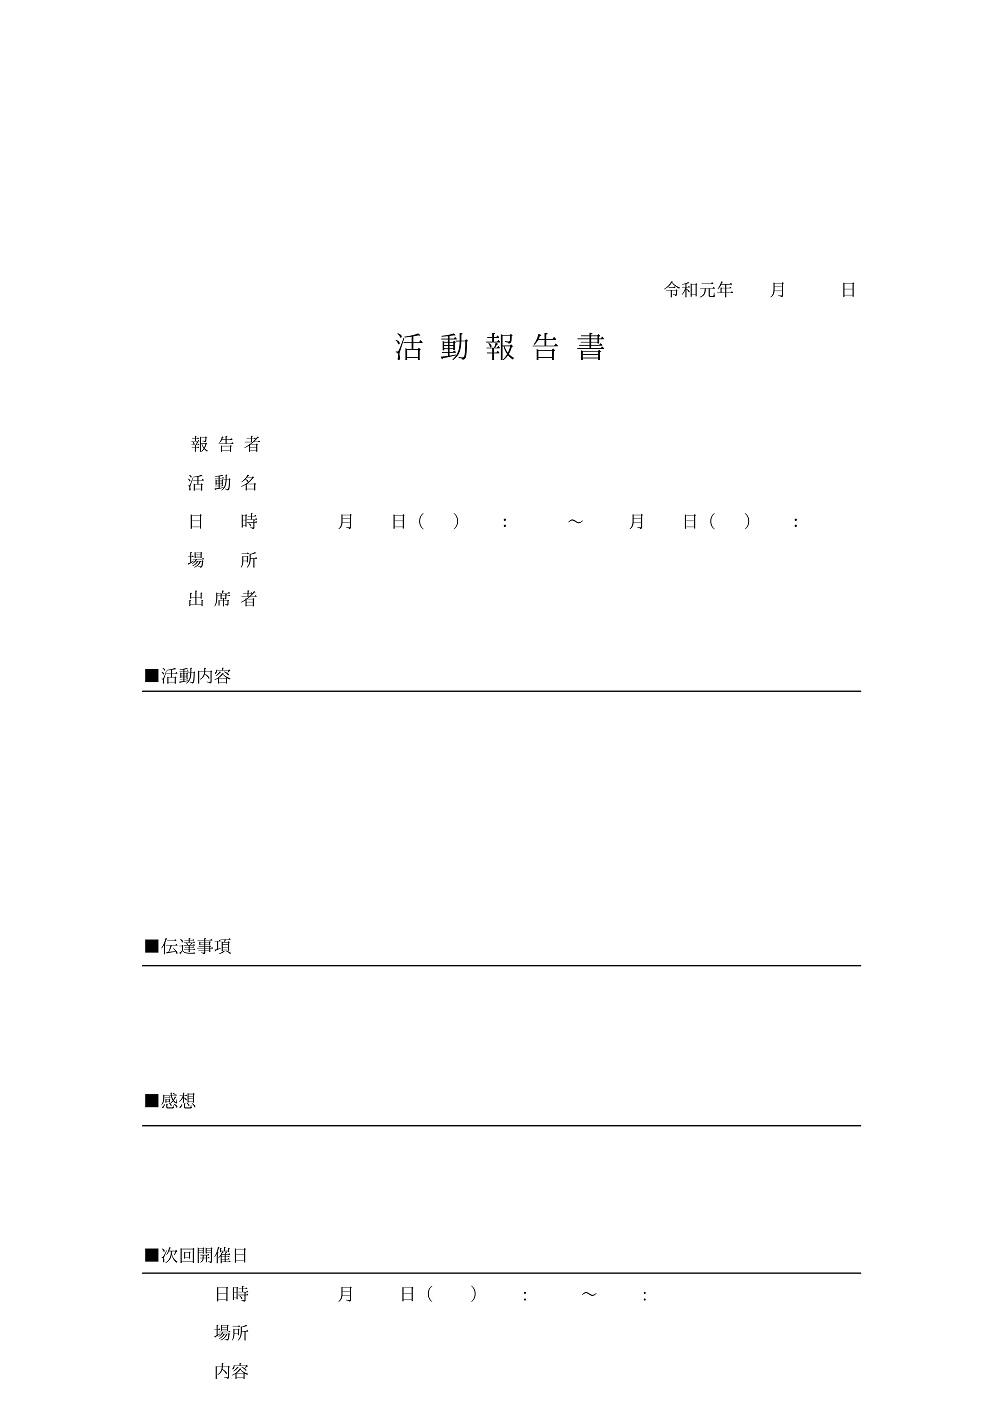 ワード「word」エクセル「Excel」研修報告書(ビジネス)